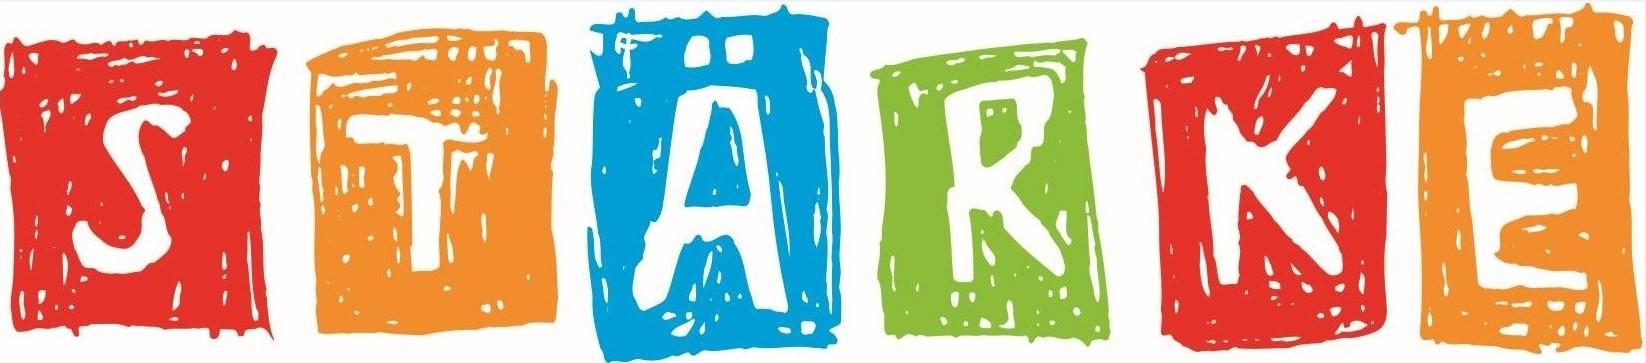 Bildergebnis für stärke programm logo